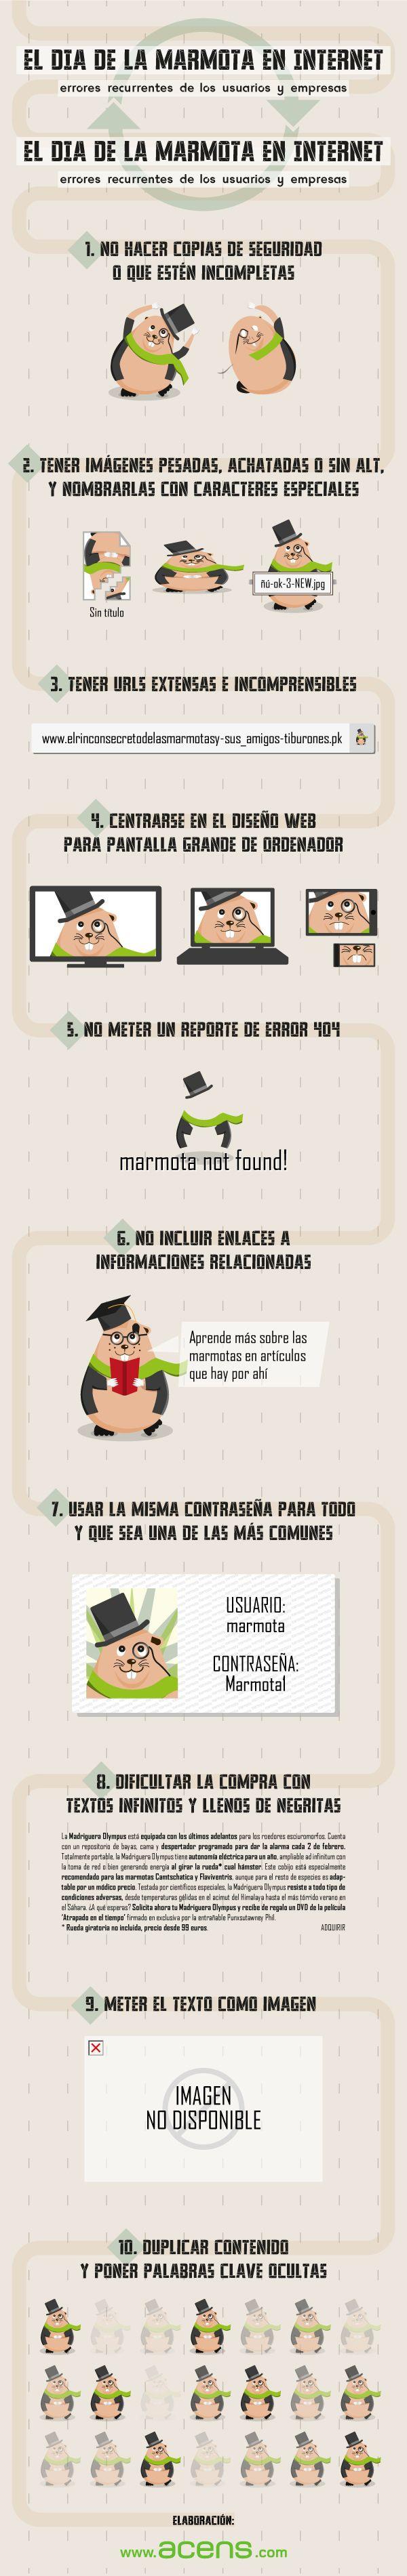 El Día de la Marmota en Internet. Errores recurrentes de usuarios y empresas #infografía